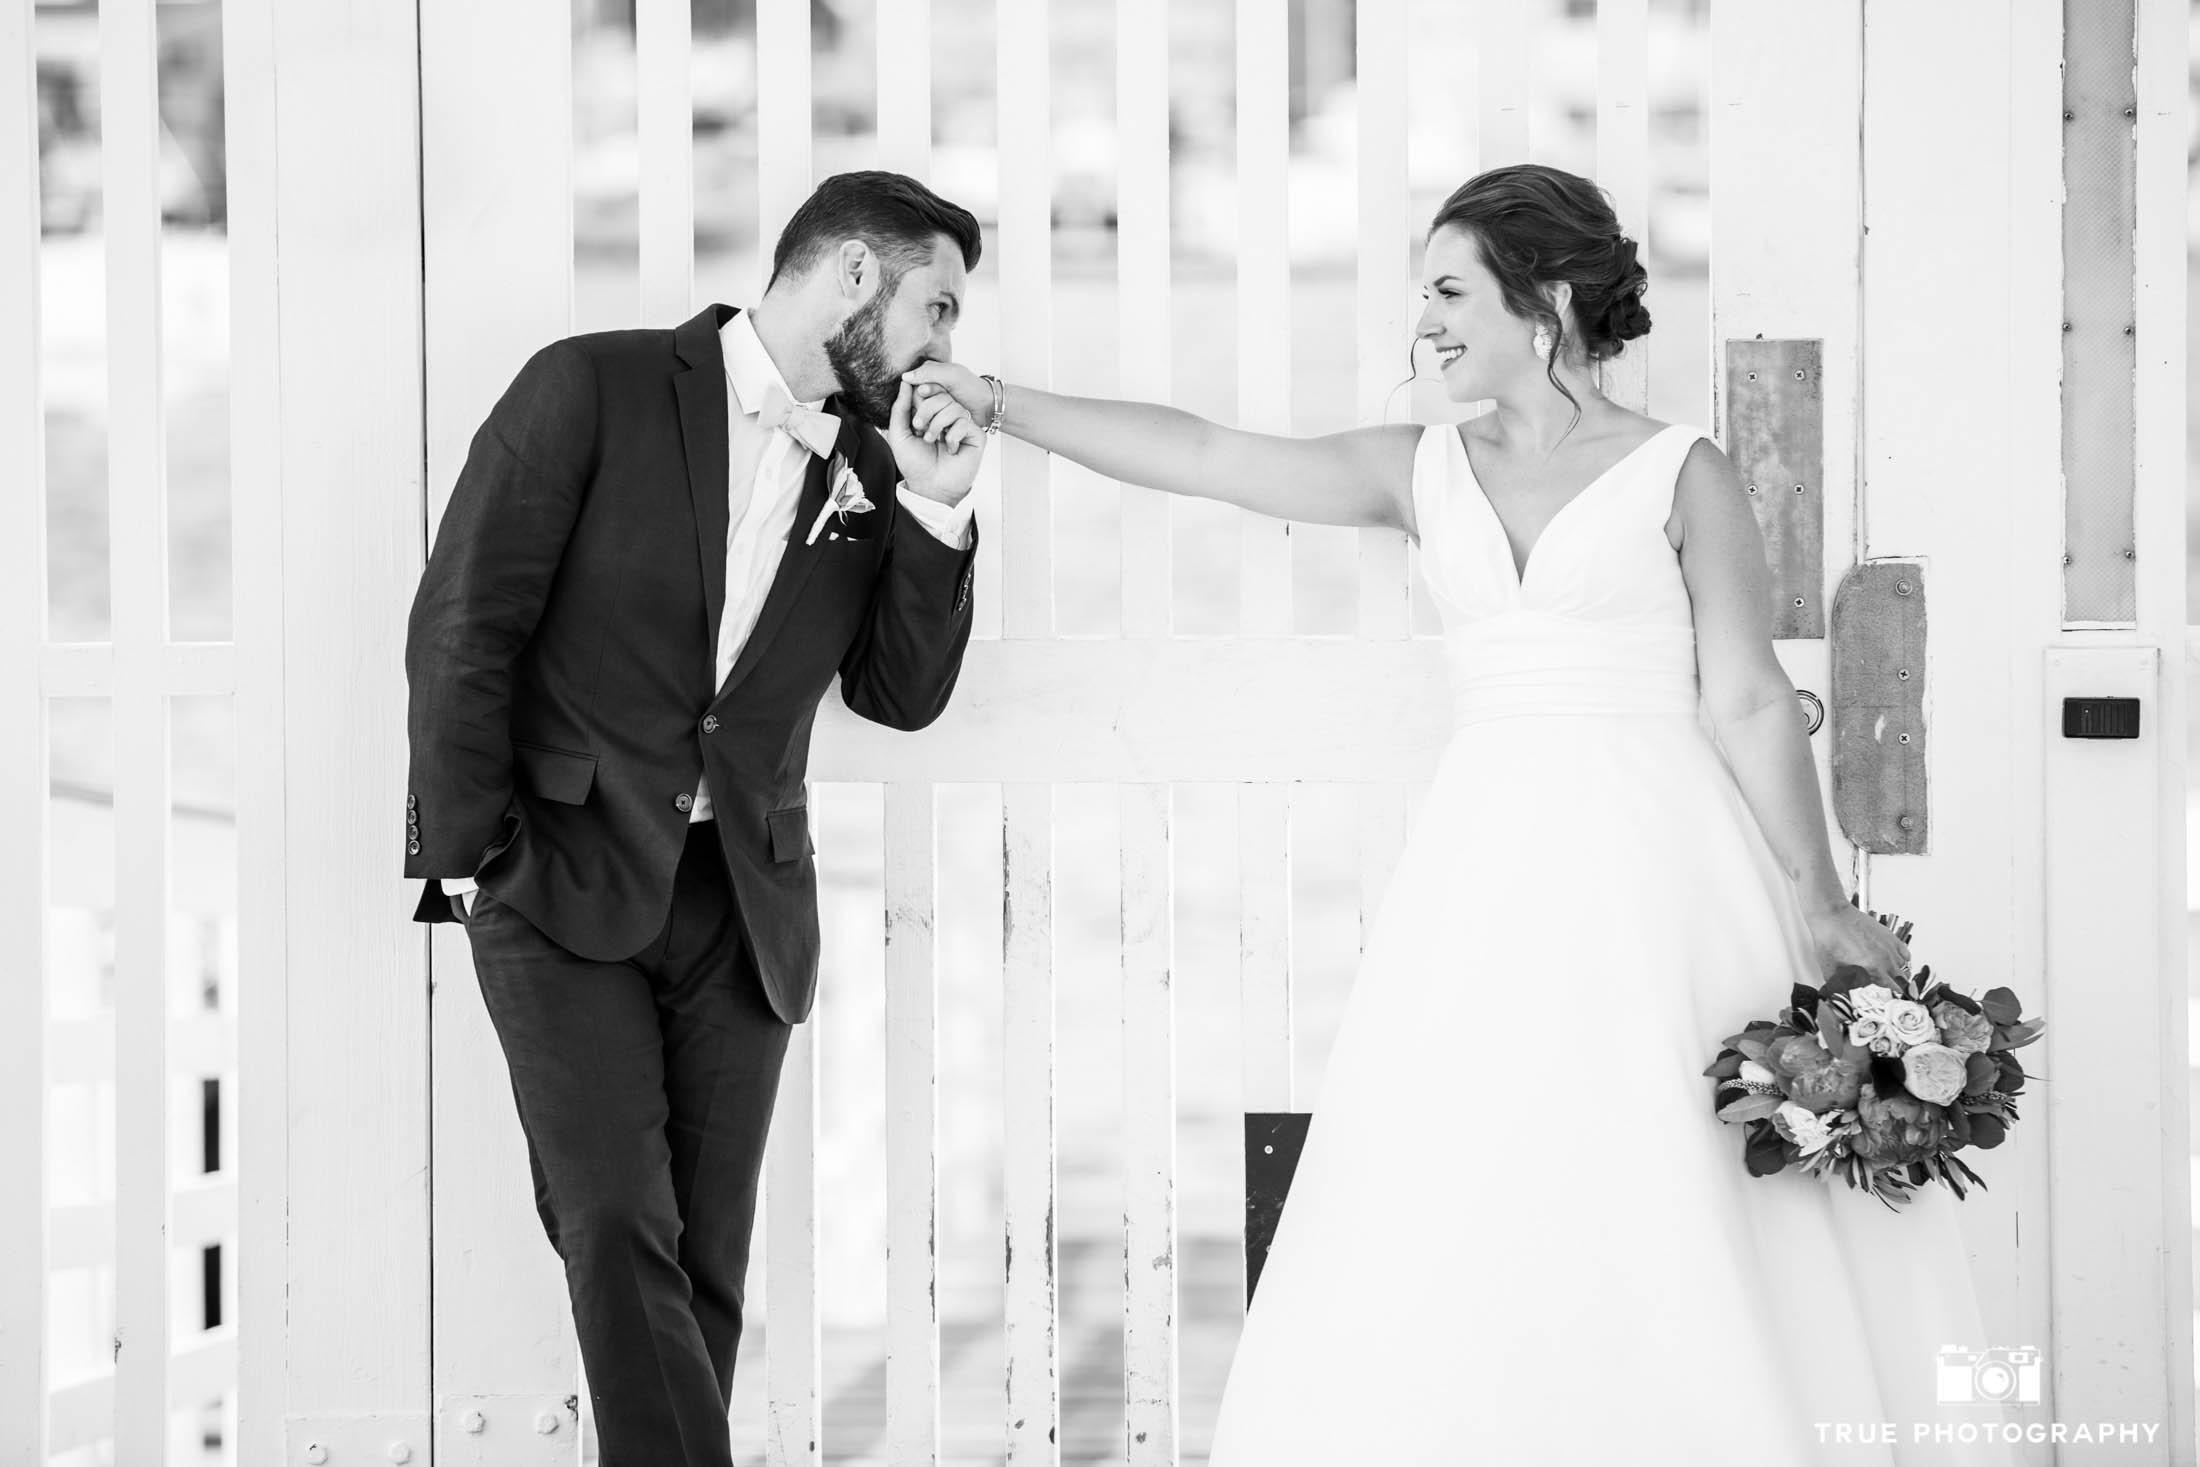 Romantic wedding photo on a pier